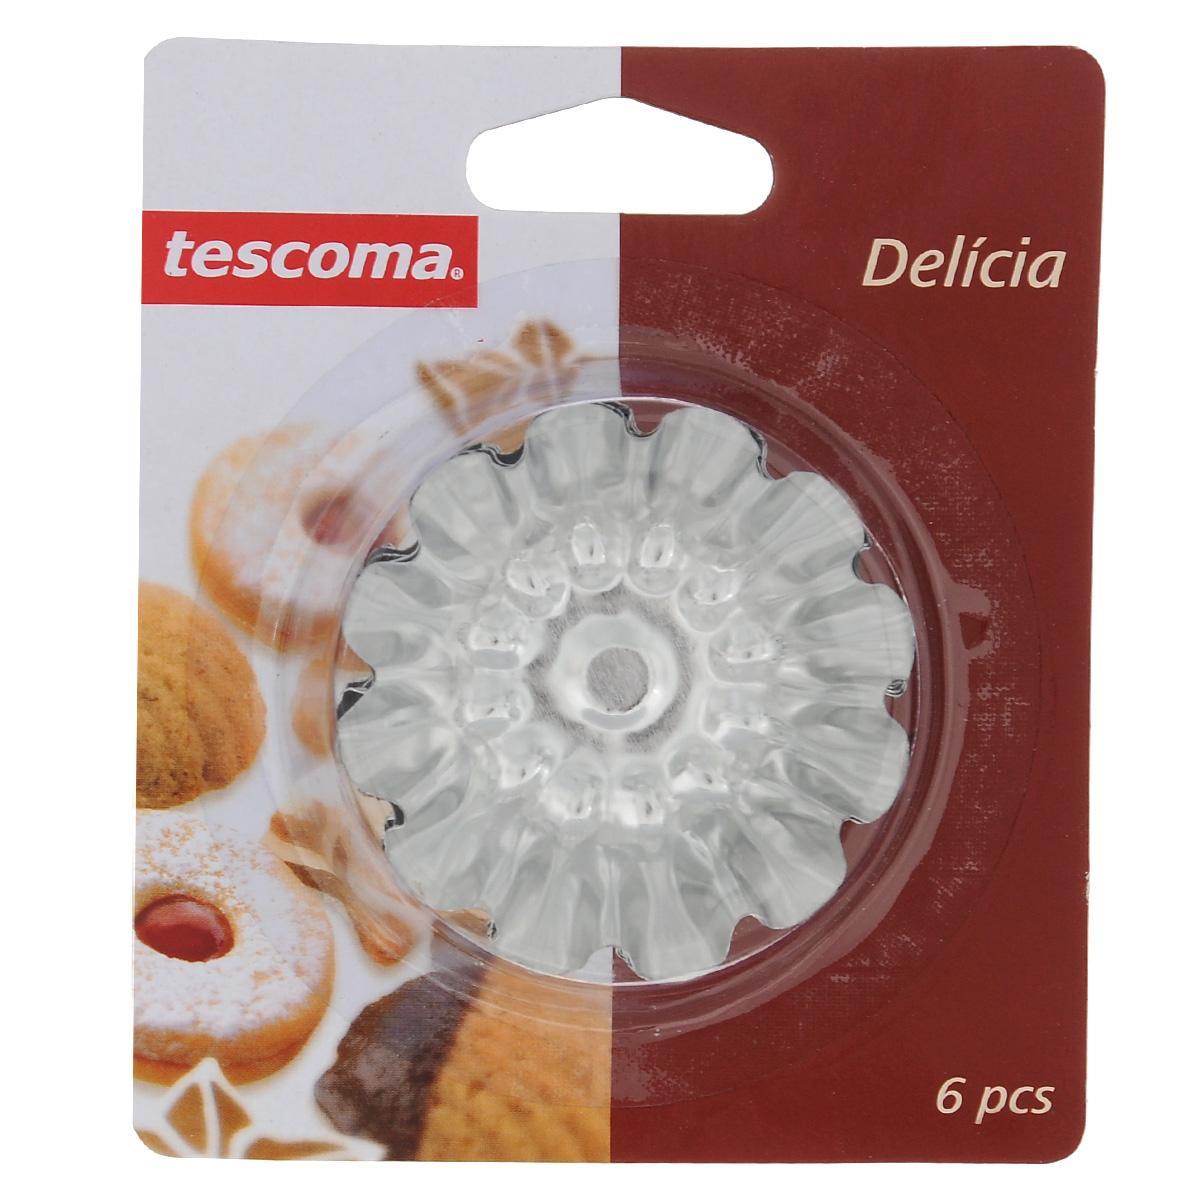 Набор форм для выпечки Tescoma Delicia, с антипригарным покрытием, 6 шт54 009312Набор для выпечки Tescoma Delicia состоит из 6 круглых форм с волнистыми рельефными краями. Изделия выполнены из высококачественного металла с антипригарным покрытием, которое предотвращает прилипание пищи. Это позволит легко извлечь выпечку из формы, просто перевернув ее. Формы идеально подходят для приготовления кексов, сладкого, соленого печенья и других десертов. После использования вымойте и вытрите формы.Нельзя использовать в посудомоечной машине.Комплектация: 6 шт.Высота стенок: 2,2 см.